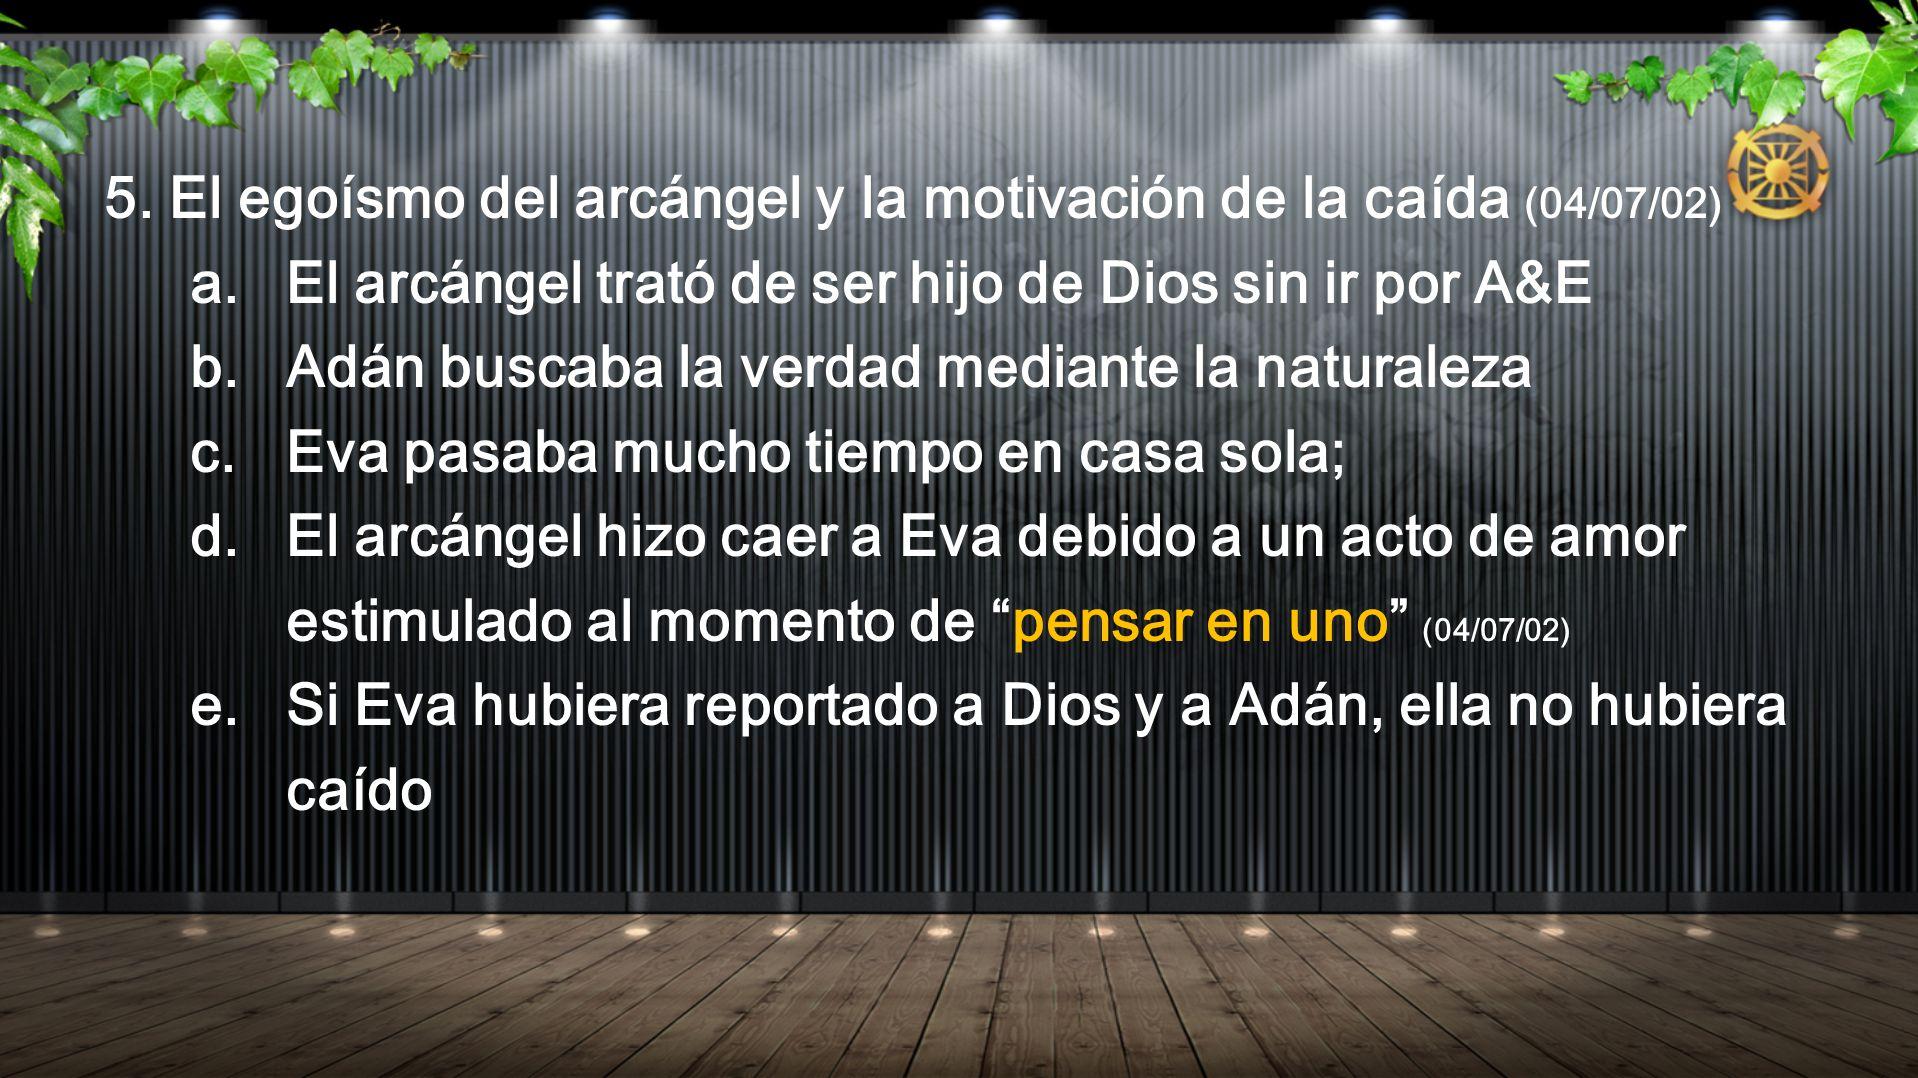 5. El egoísmo del arcángel y la motivación de la caída (04/07/02) a. El arcángel trató de ser hijo de Dios sin ir por A&E b. Adán buscaba la verdad me